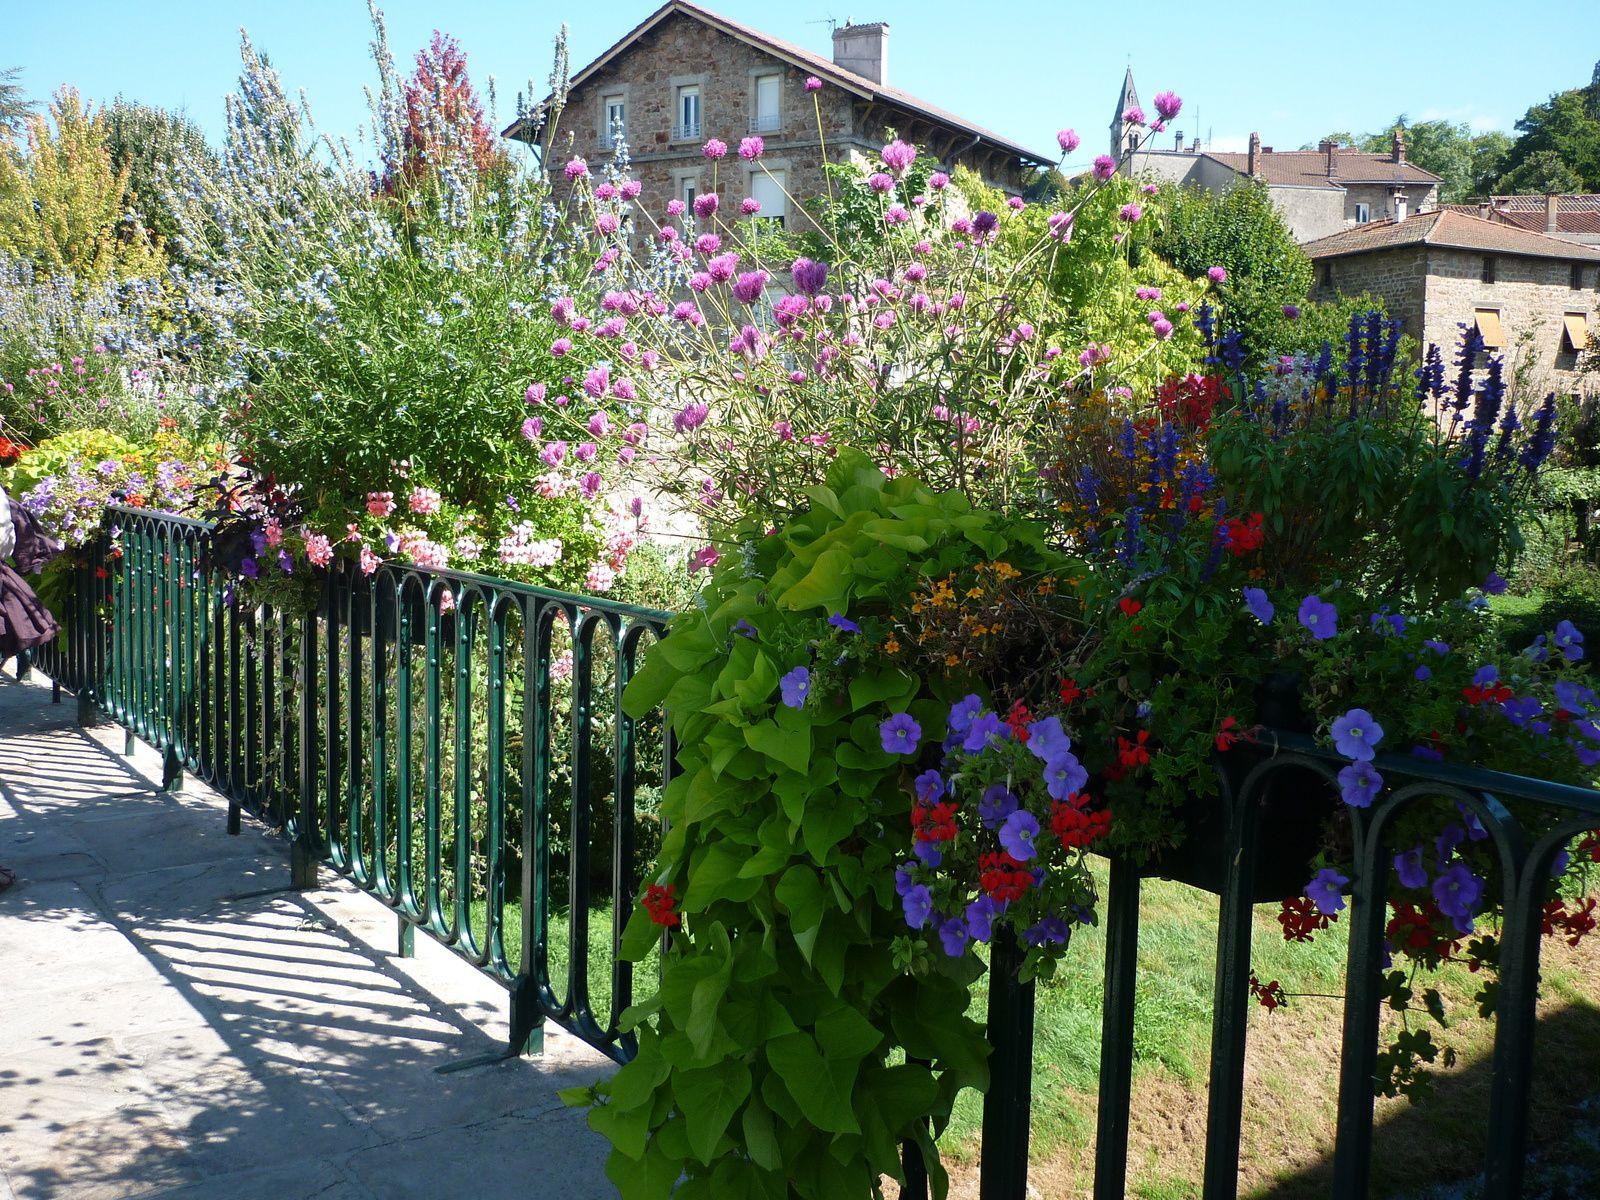 Commune de Lamastre où nous avons déjeuné et lors d'une promenade digestive, nous avons pu admirer les décos florales